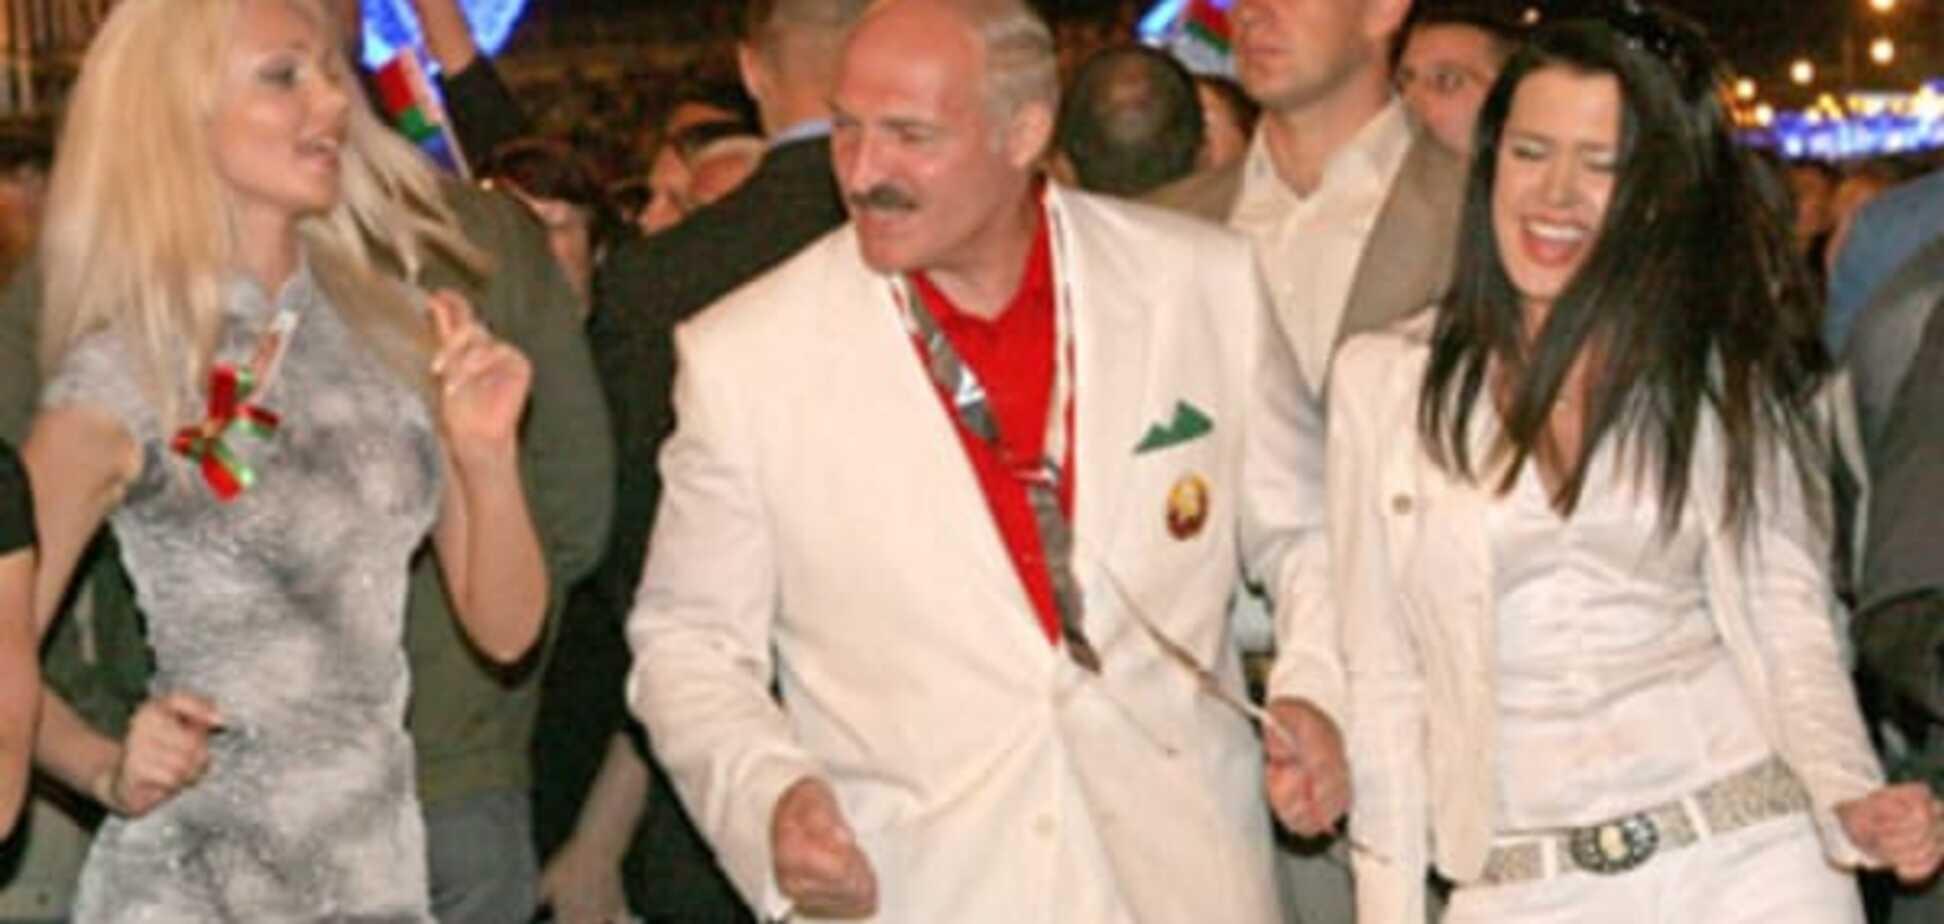 Александр Лукашенко: тайны личной жизни, спрятанные миллионы и дружба с Путиным